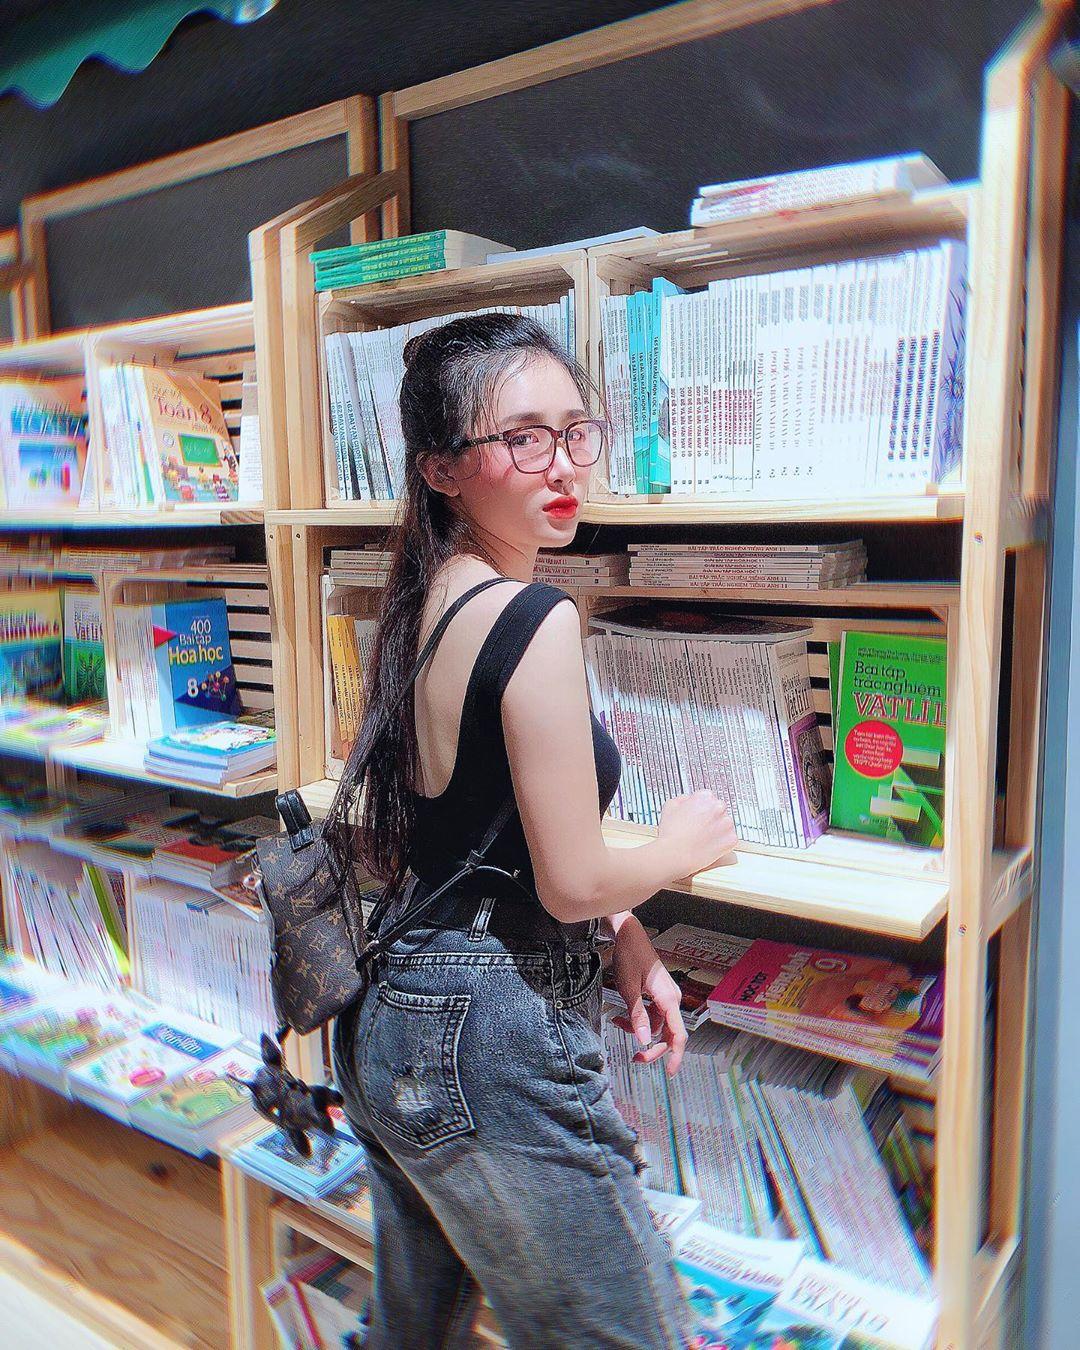 saigon_nha-sach-e-book-go-vap-4